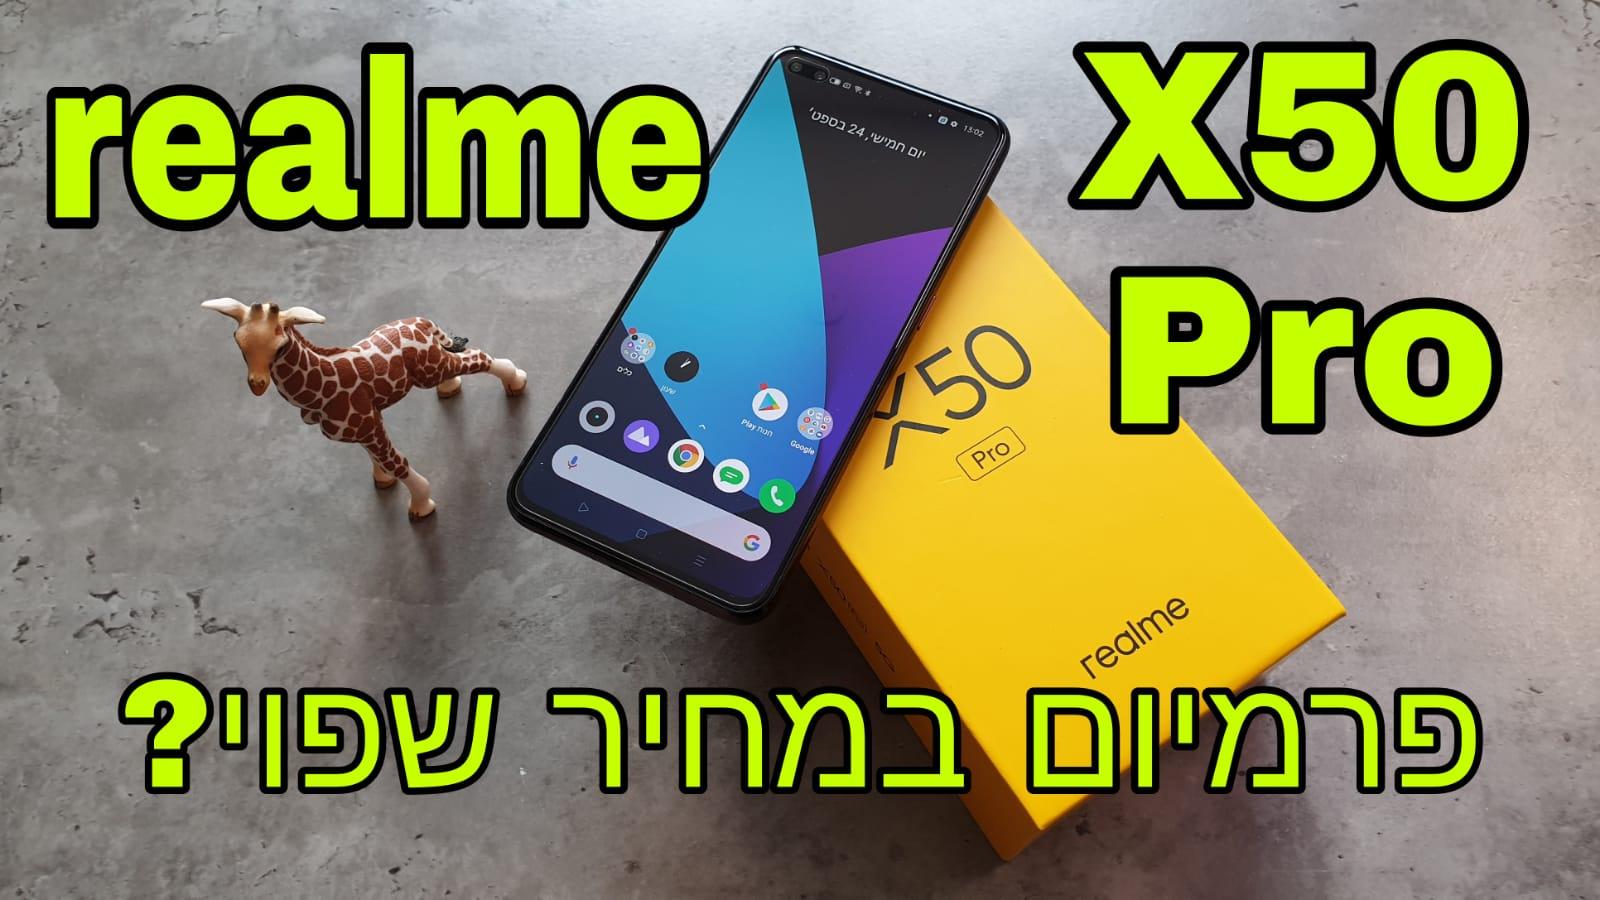 ג׳ירפה פותחת: התרשמות ראשונית ופתיחת קופסה של realme X50 Pro